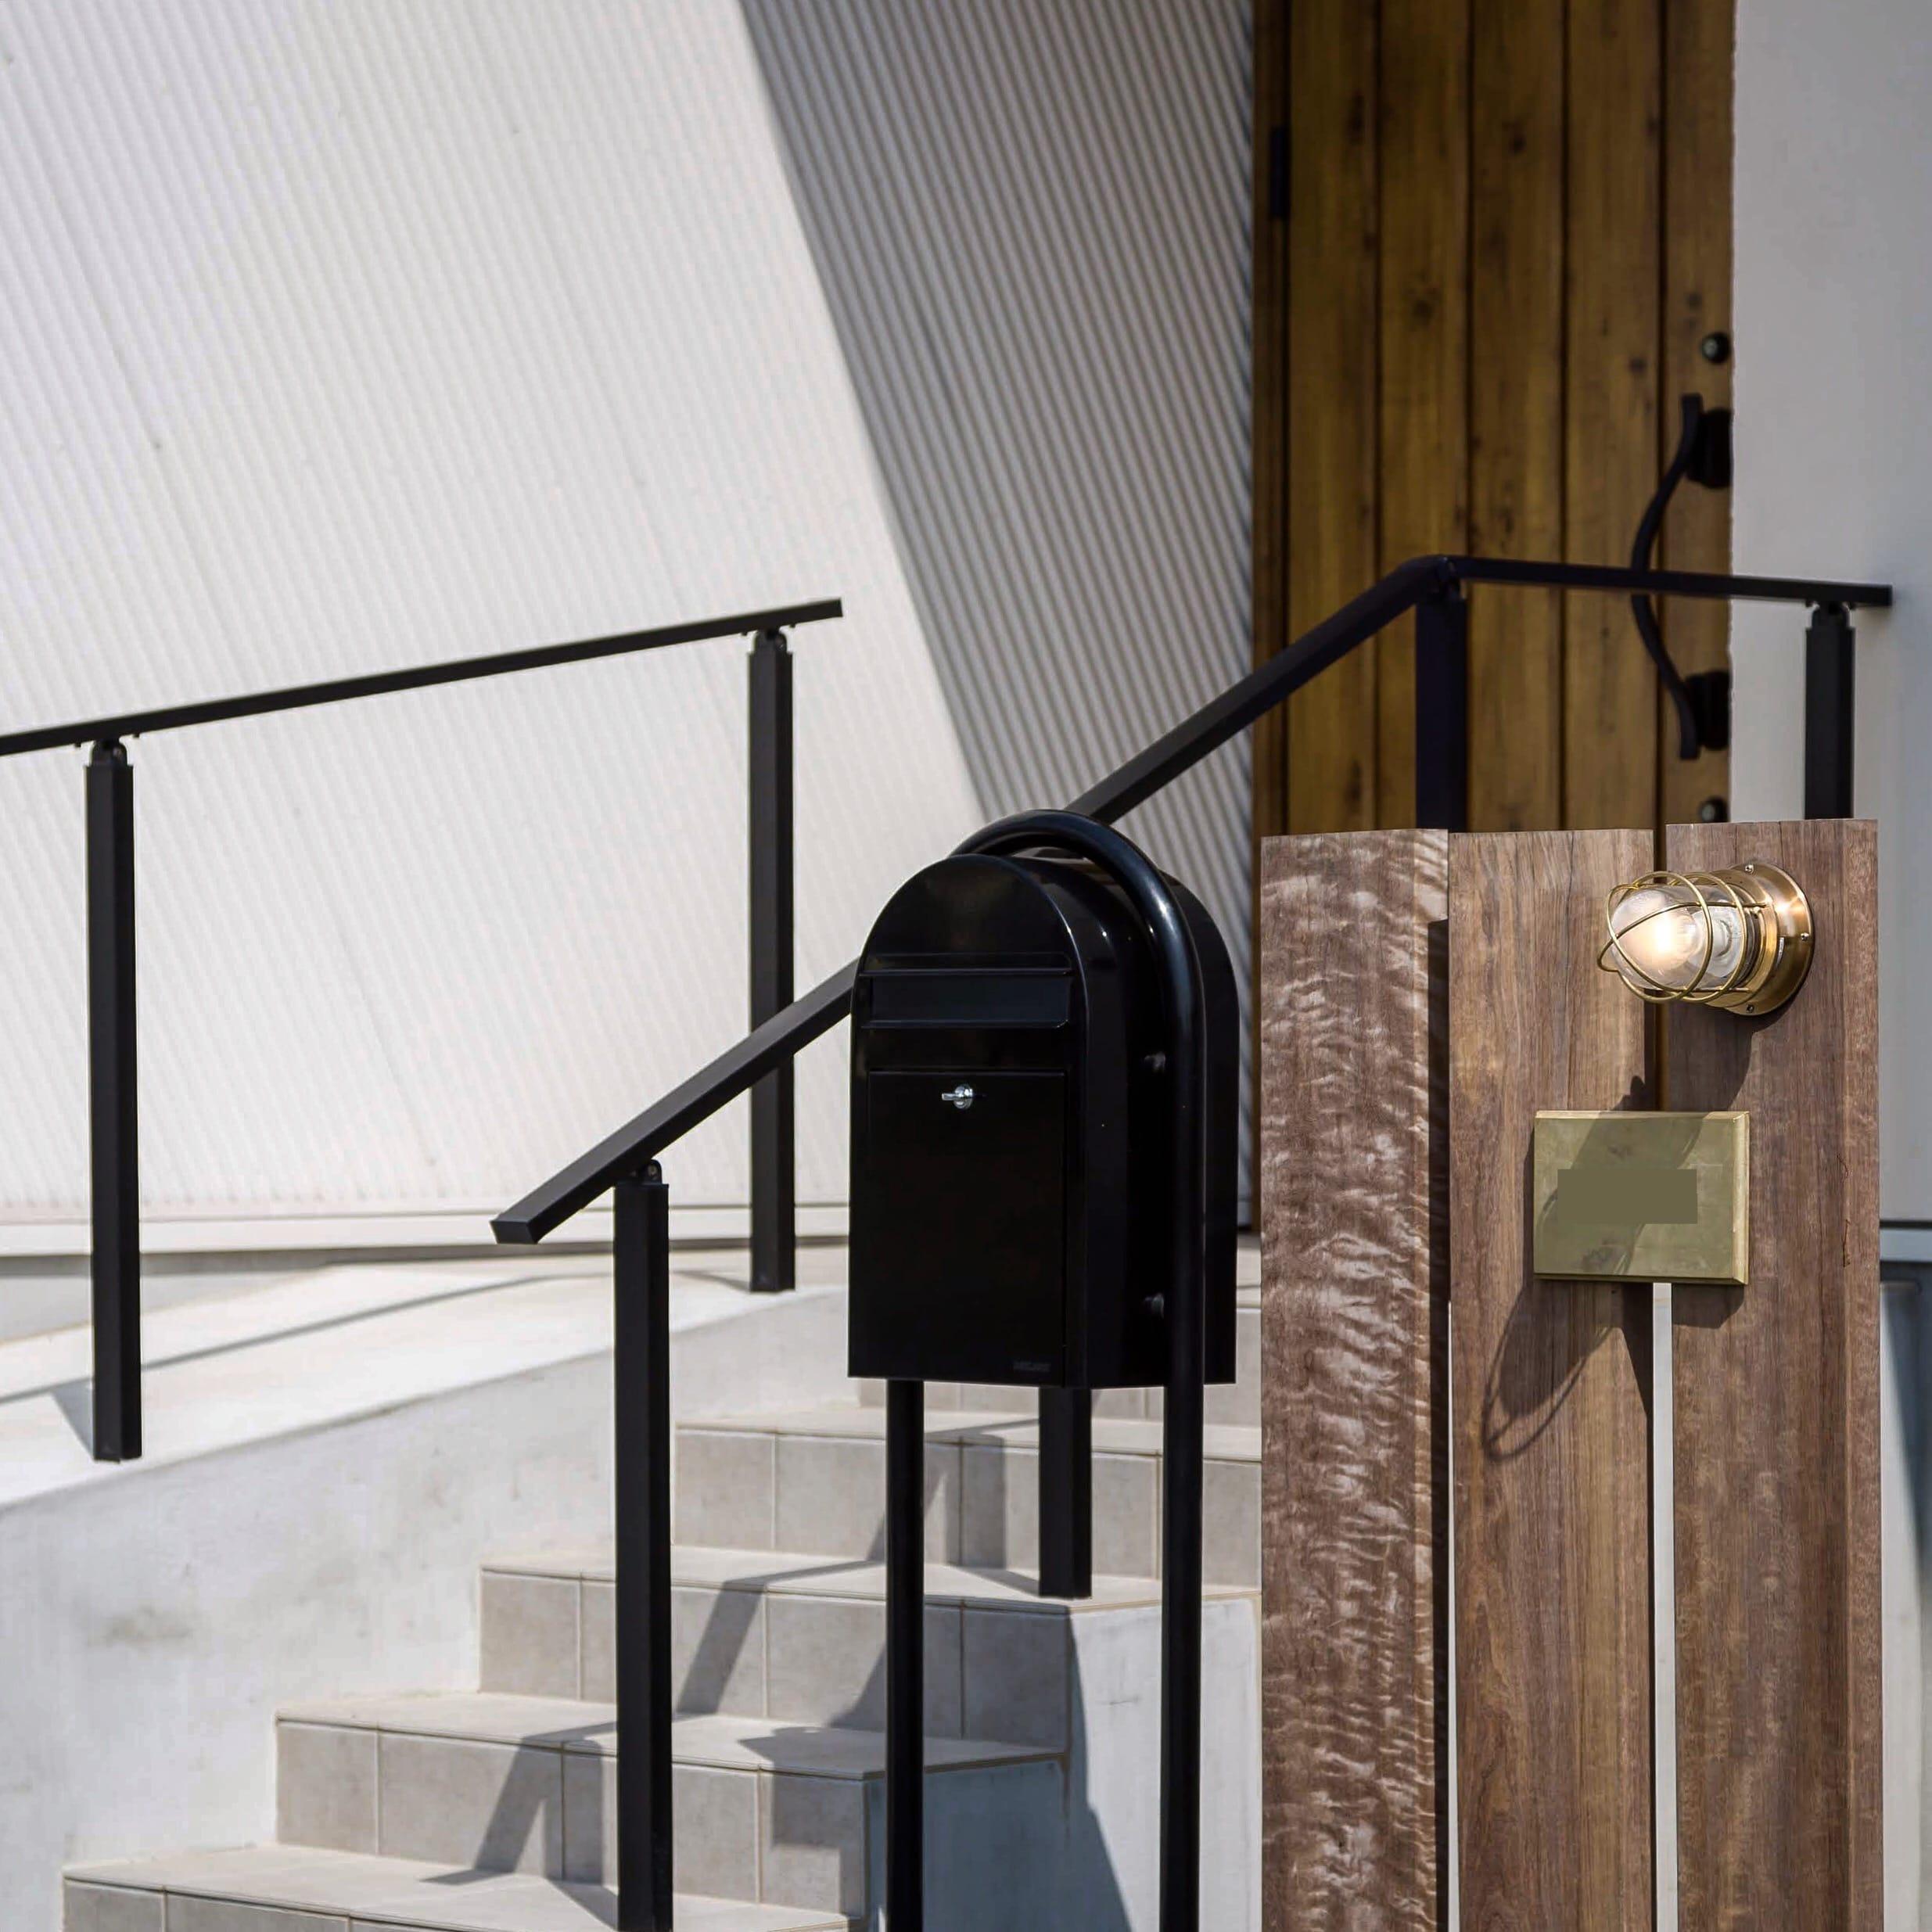 木材の茶色、ポストの黒、船舶照明・表札の真鍮の三色でまとめられたシンプルな門柱